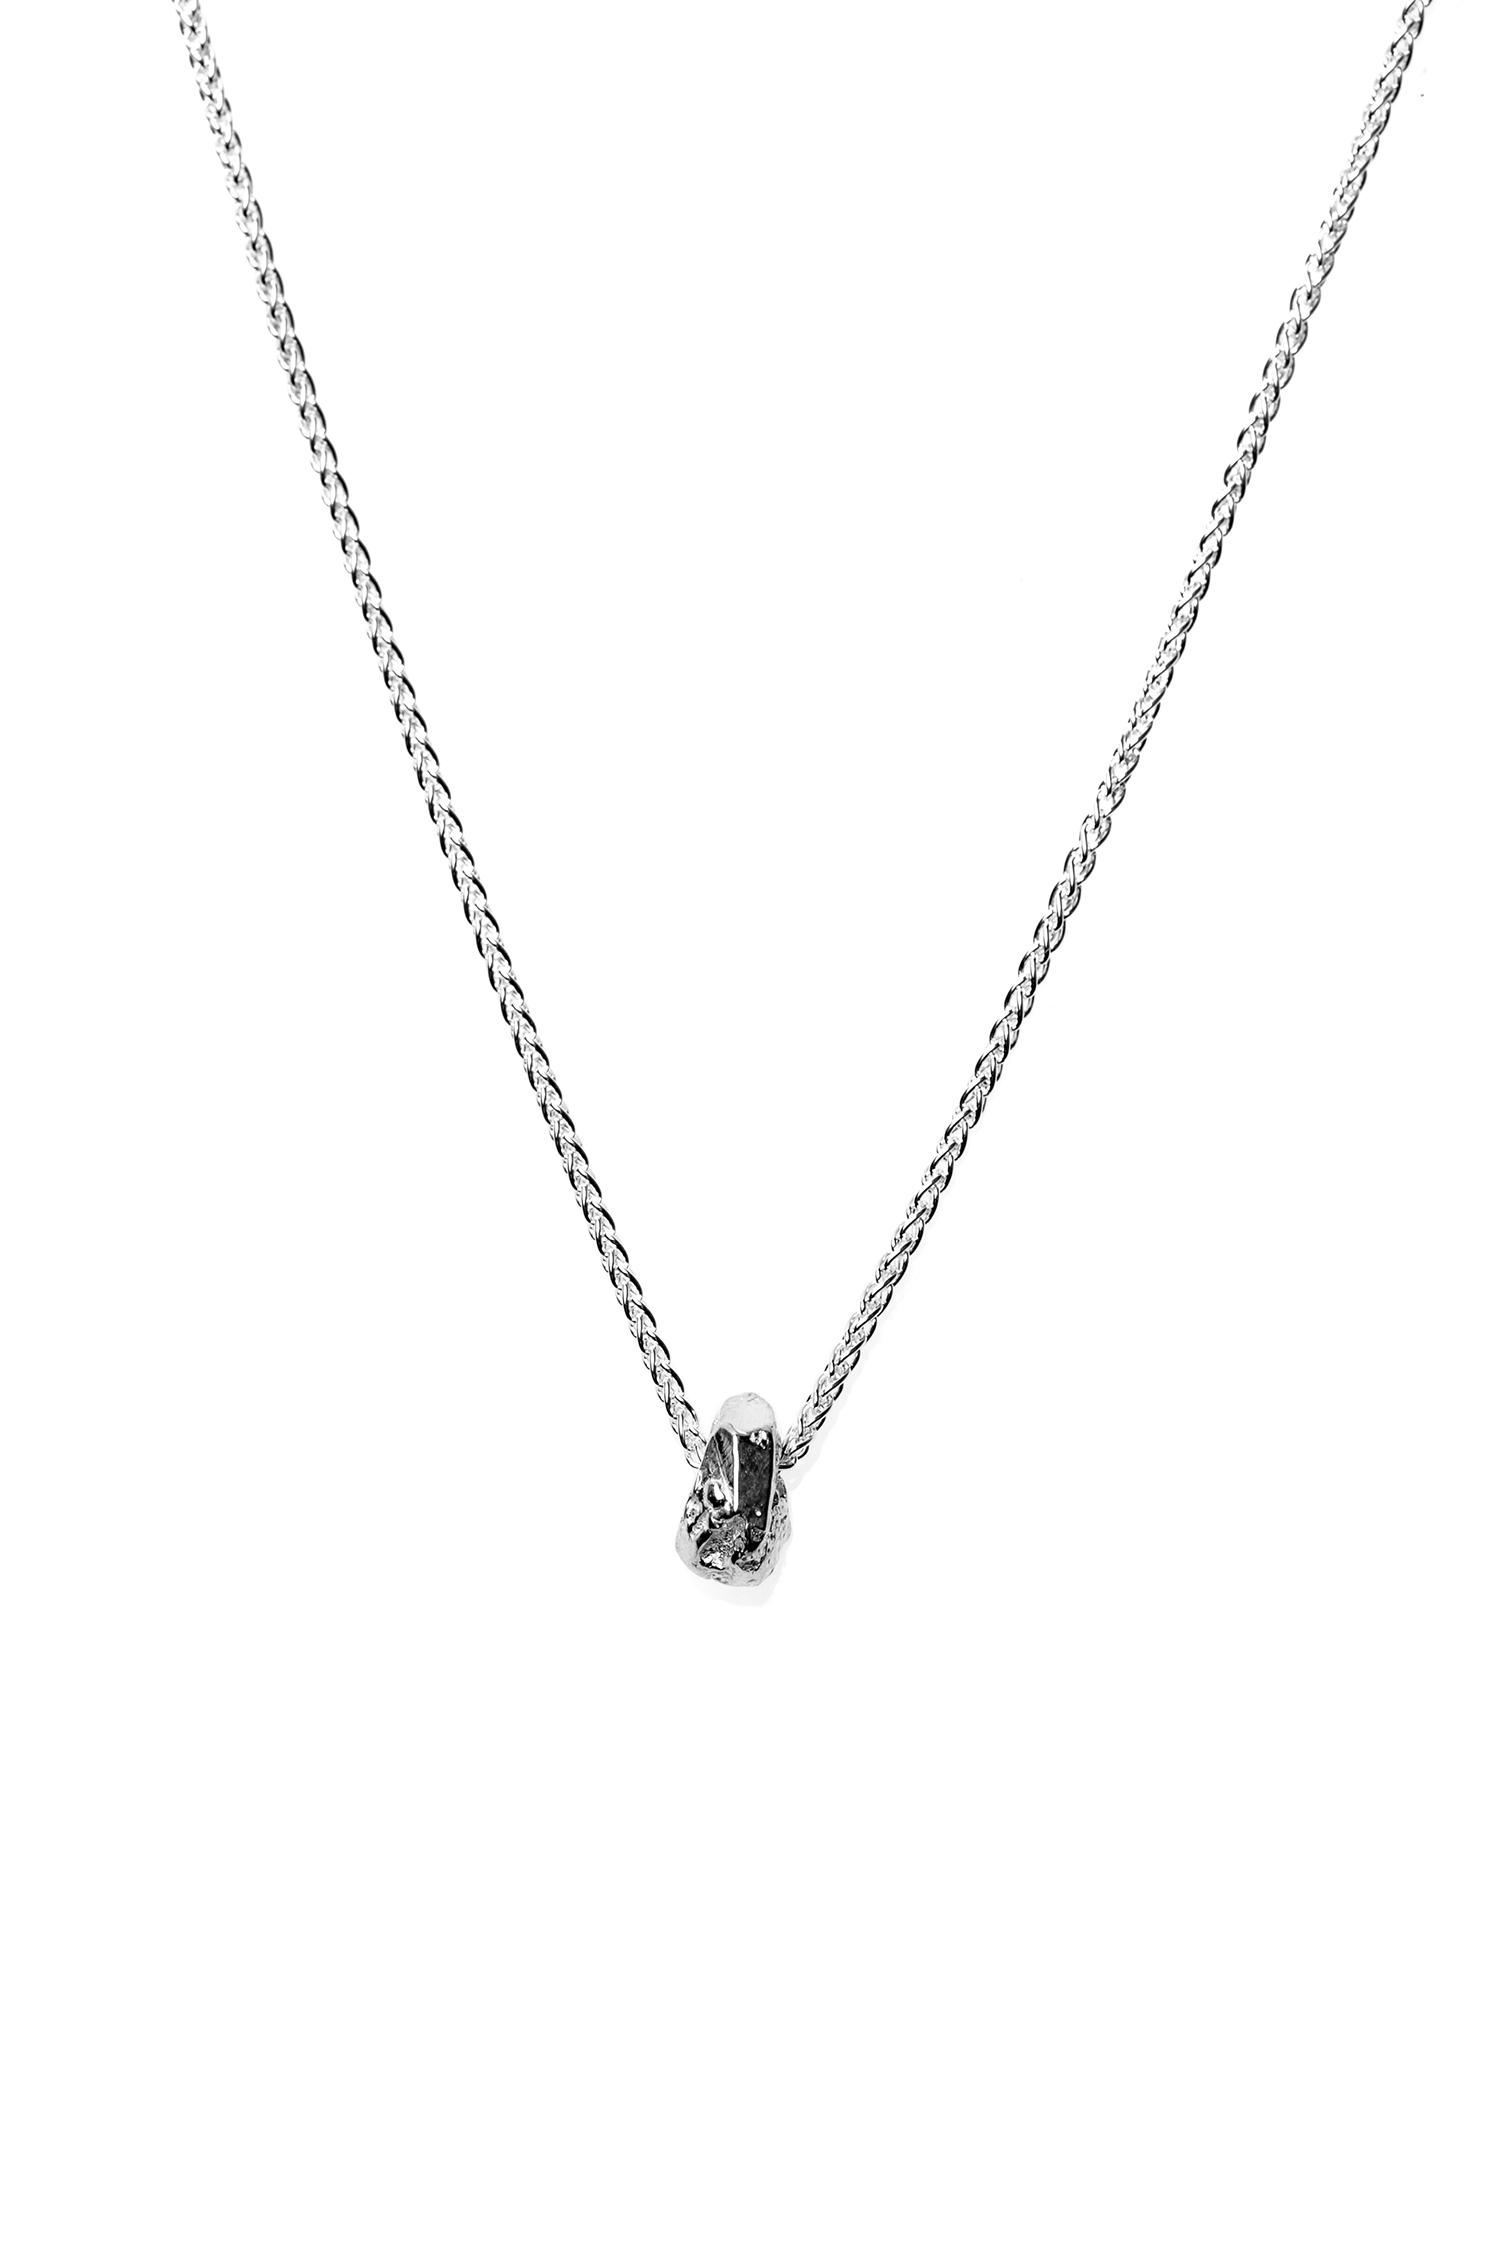 Petit Glacier Necklace